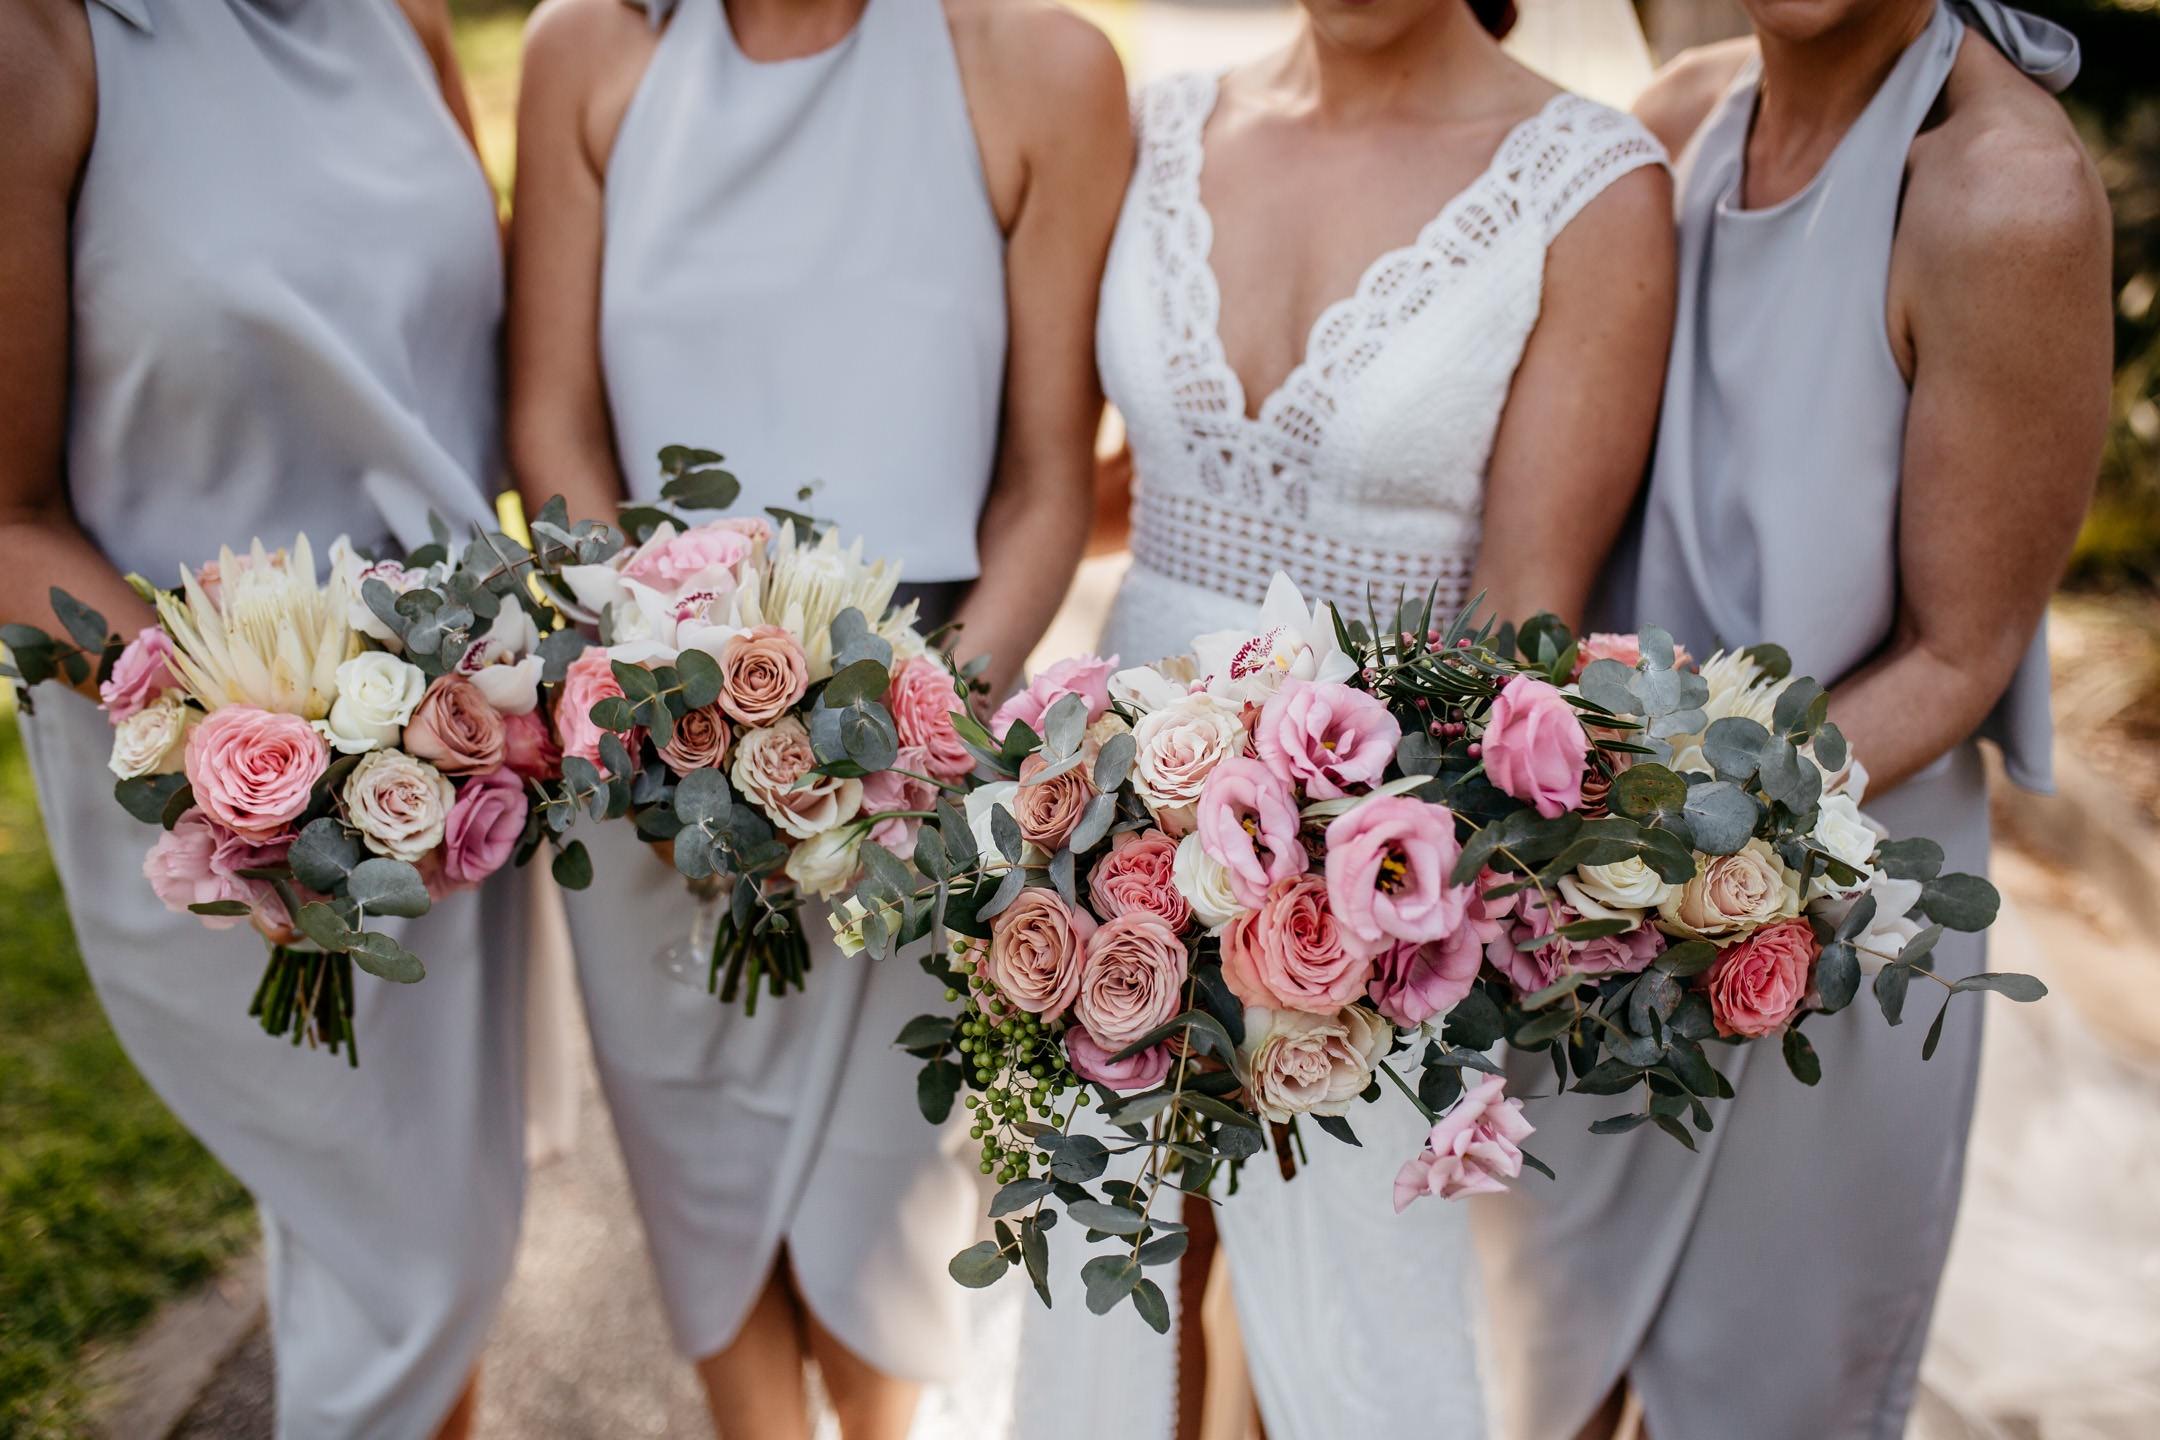 Florette weddings by Erin Cusack